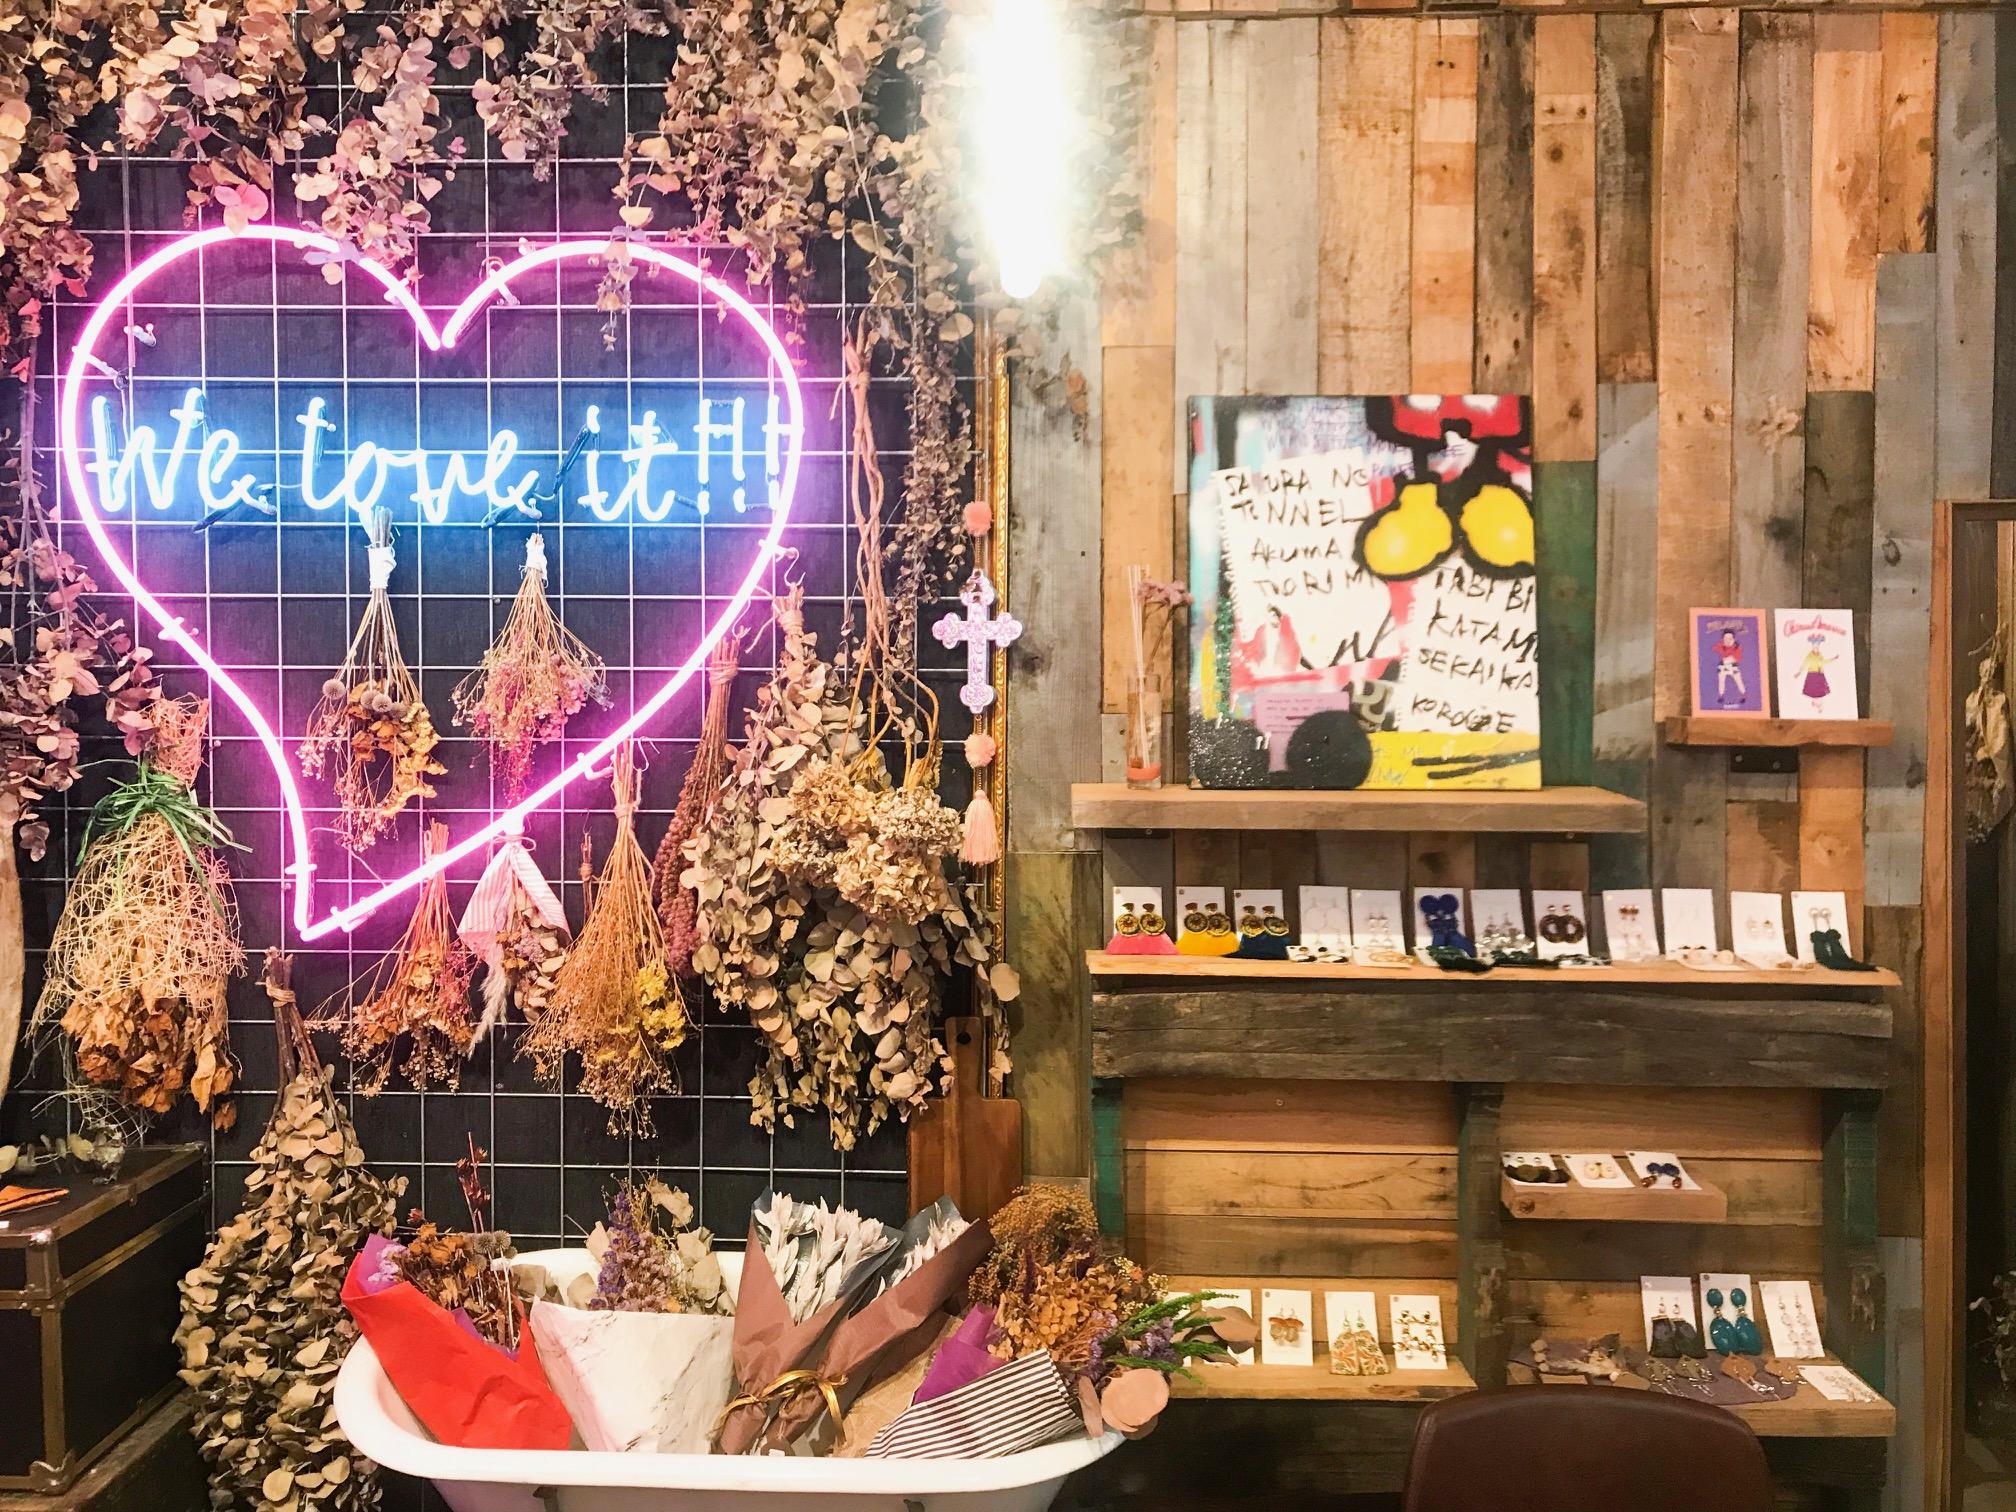 【沖縄女子旅】国際通りのかわいいカフェ♡ おしゃれスムージーと絶品サンドイッチのお店、教えます!_2